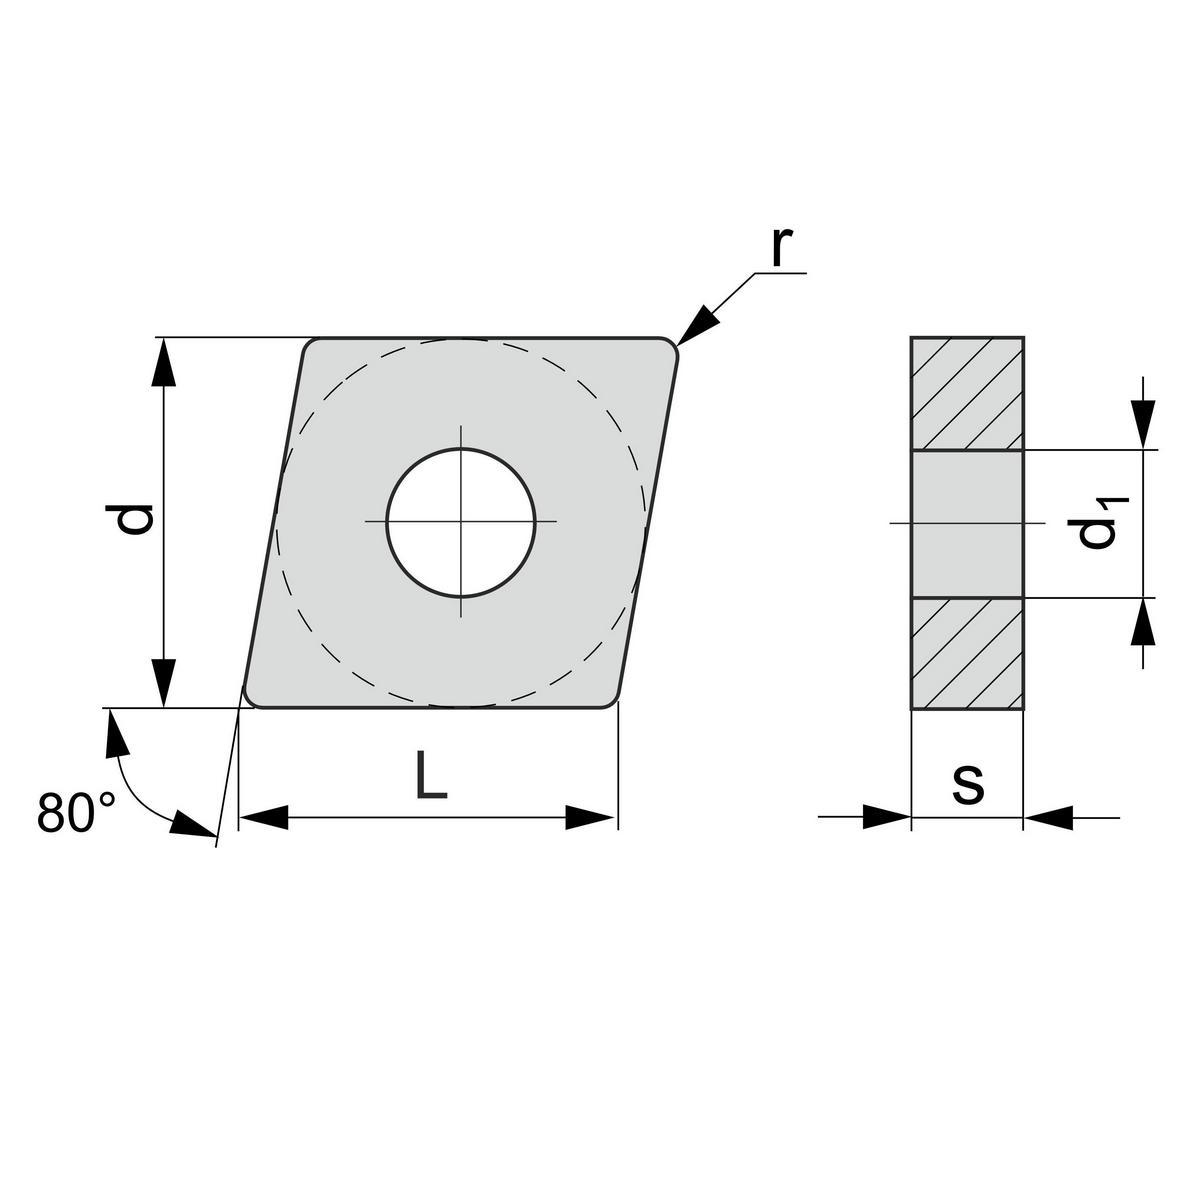 Размеры твердосплавной пластины CNMG